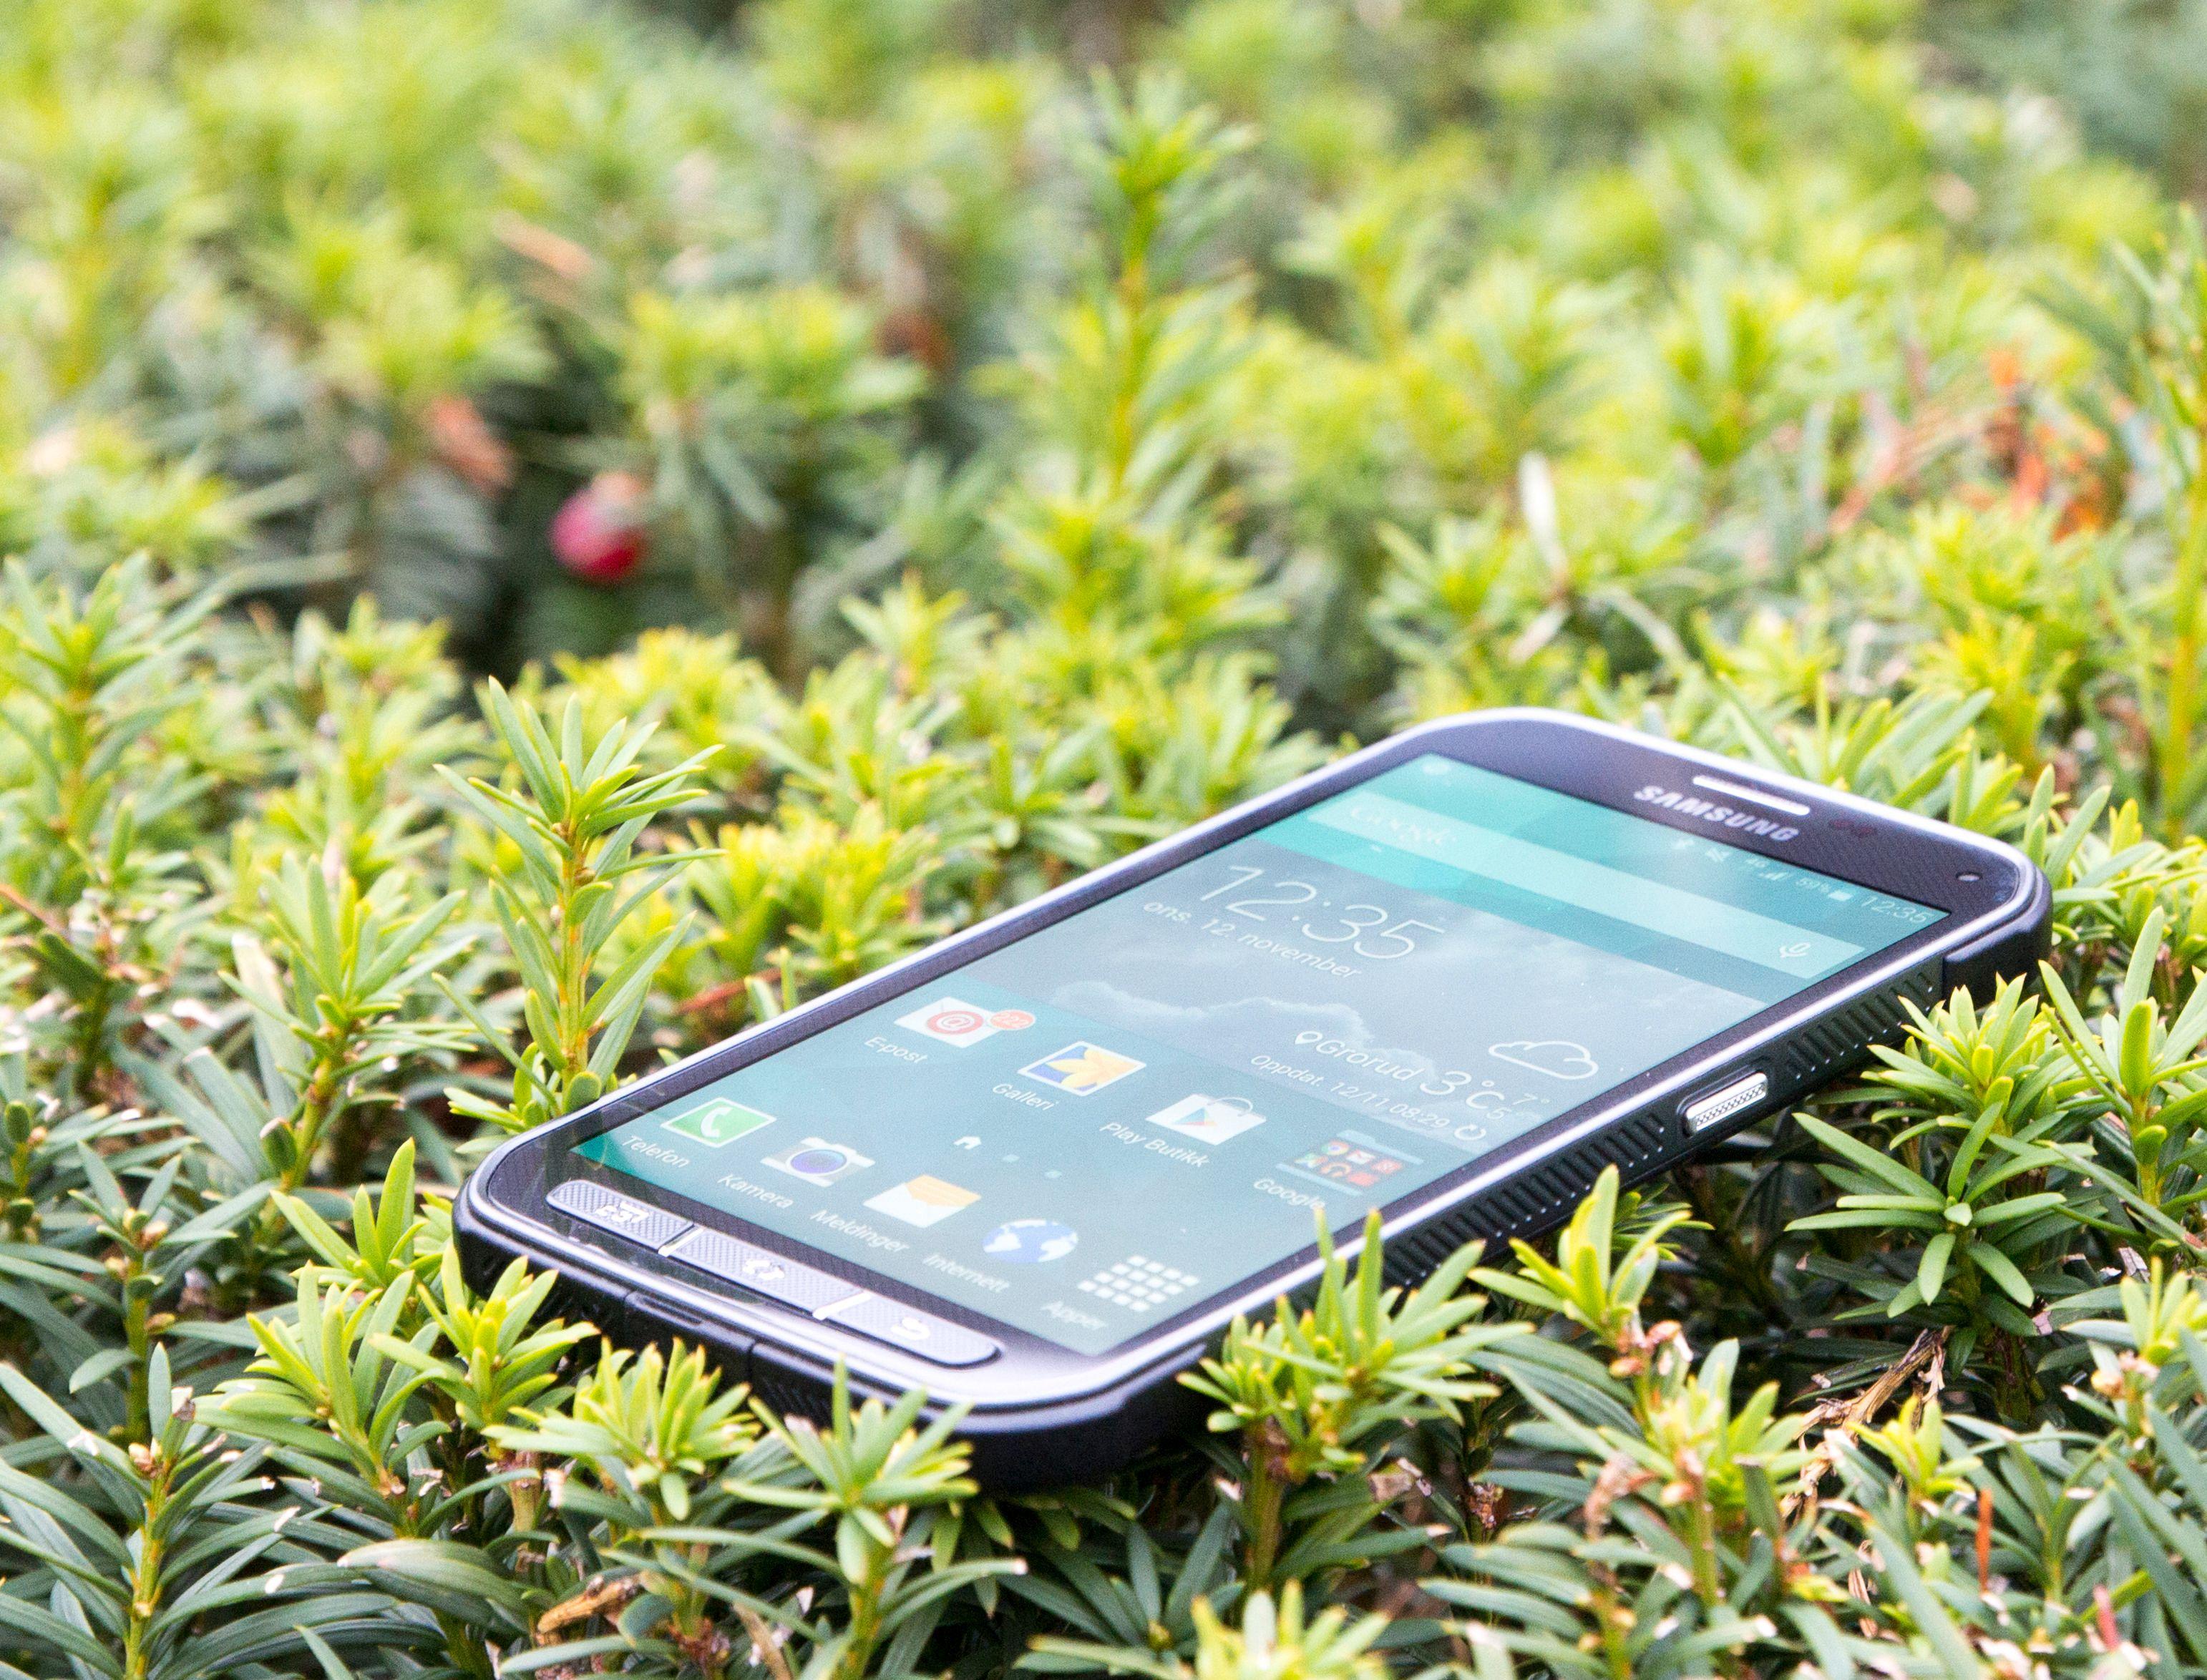 Galaxy S5 Active er vanntett og trives svært godt utendørs.Foto: Kurt Lekanger, Tek.no